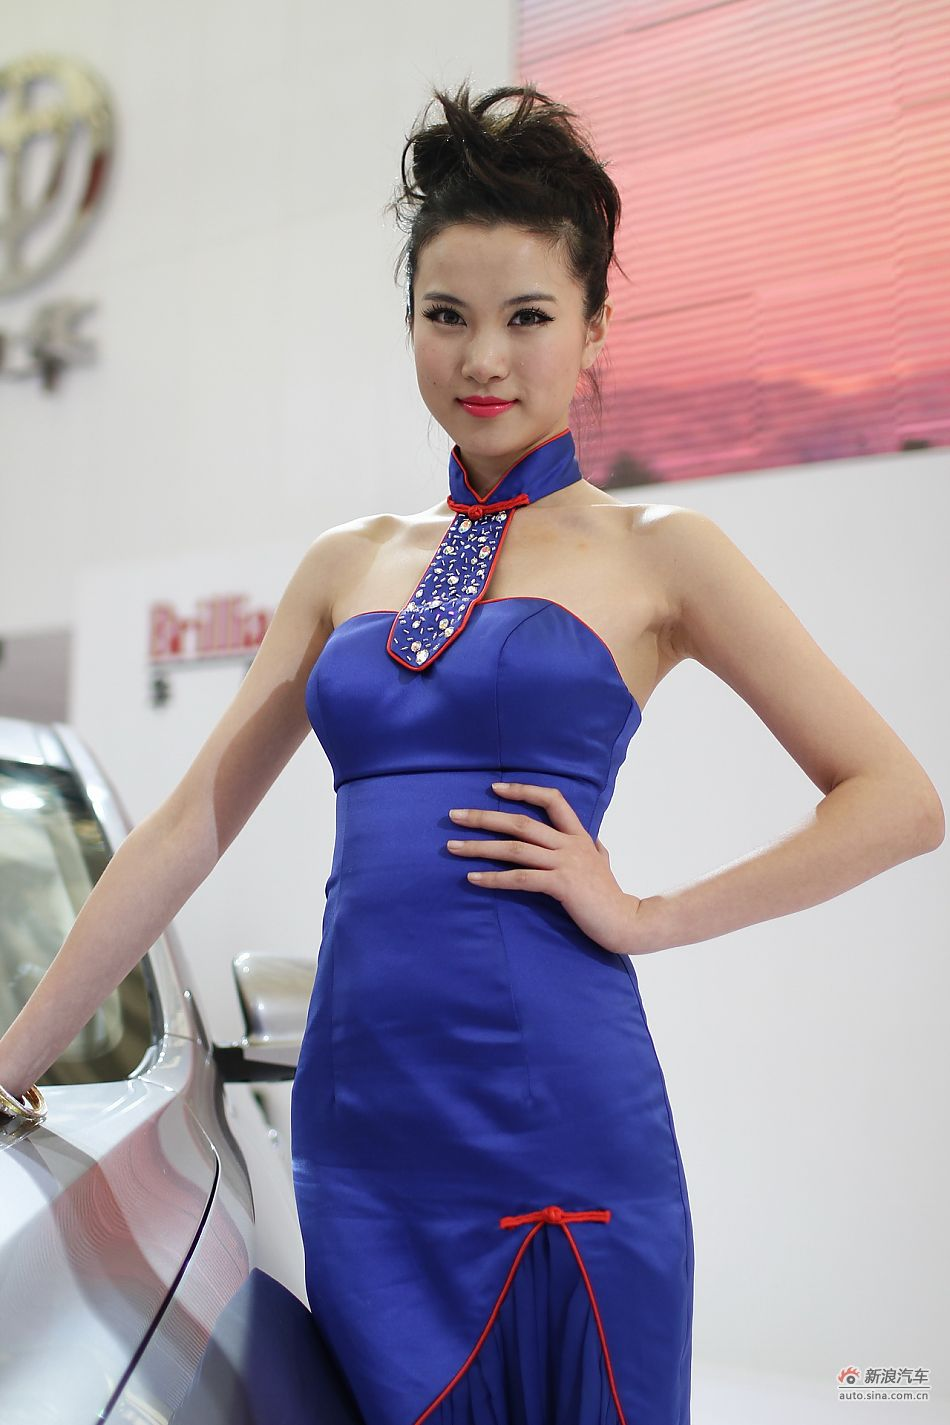 华晨汽车展台4号模特